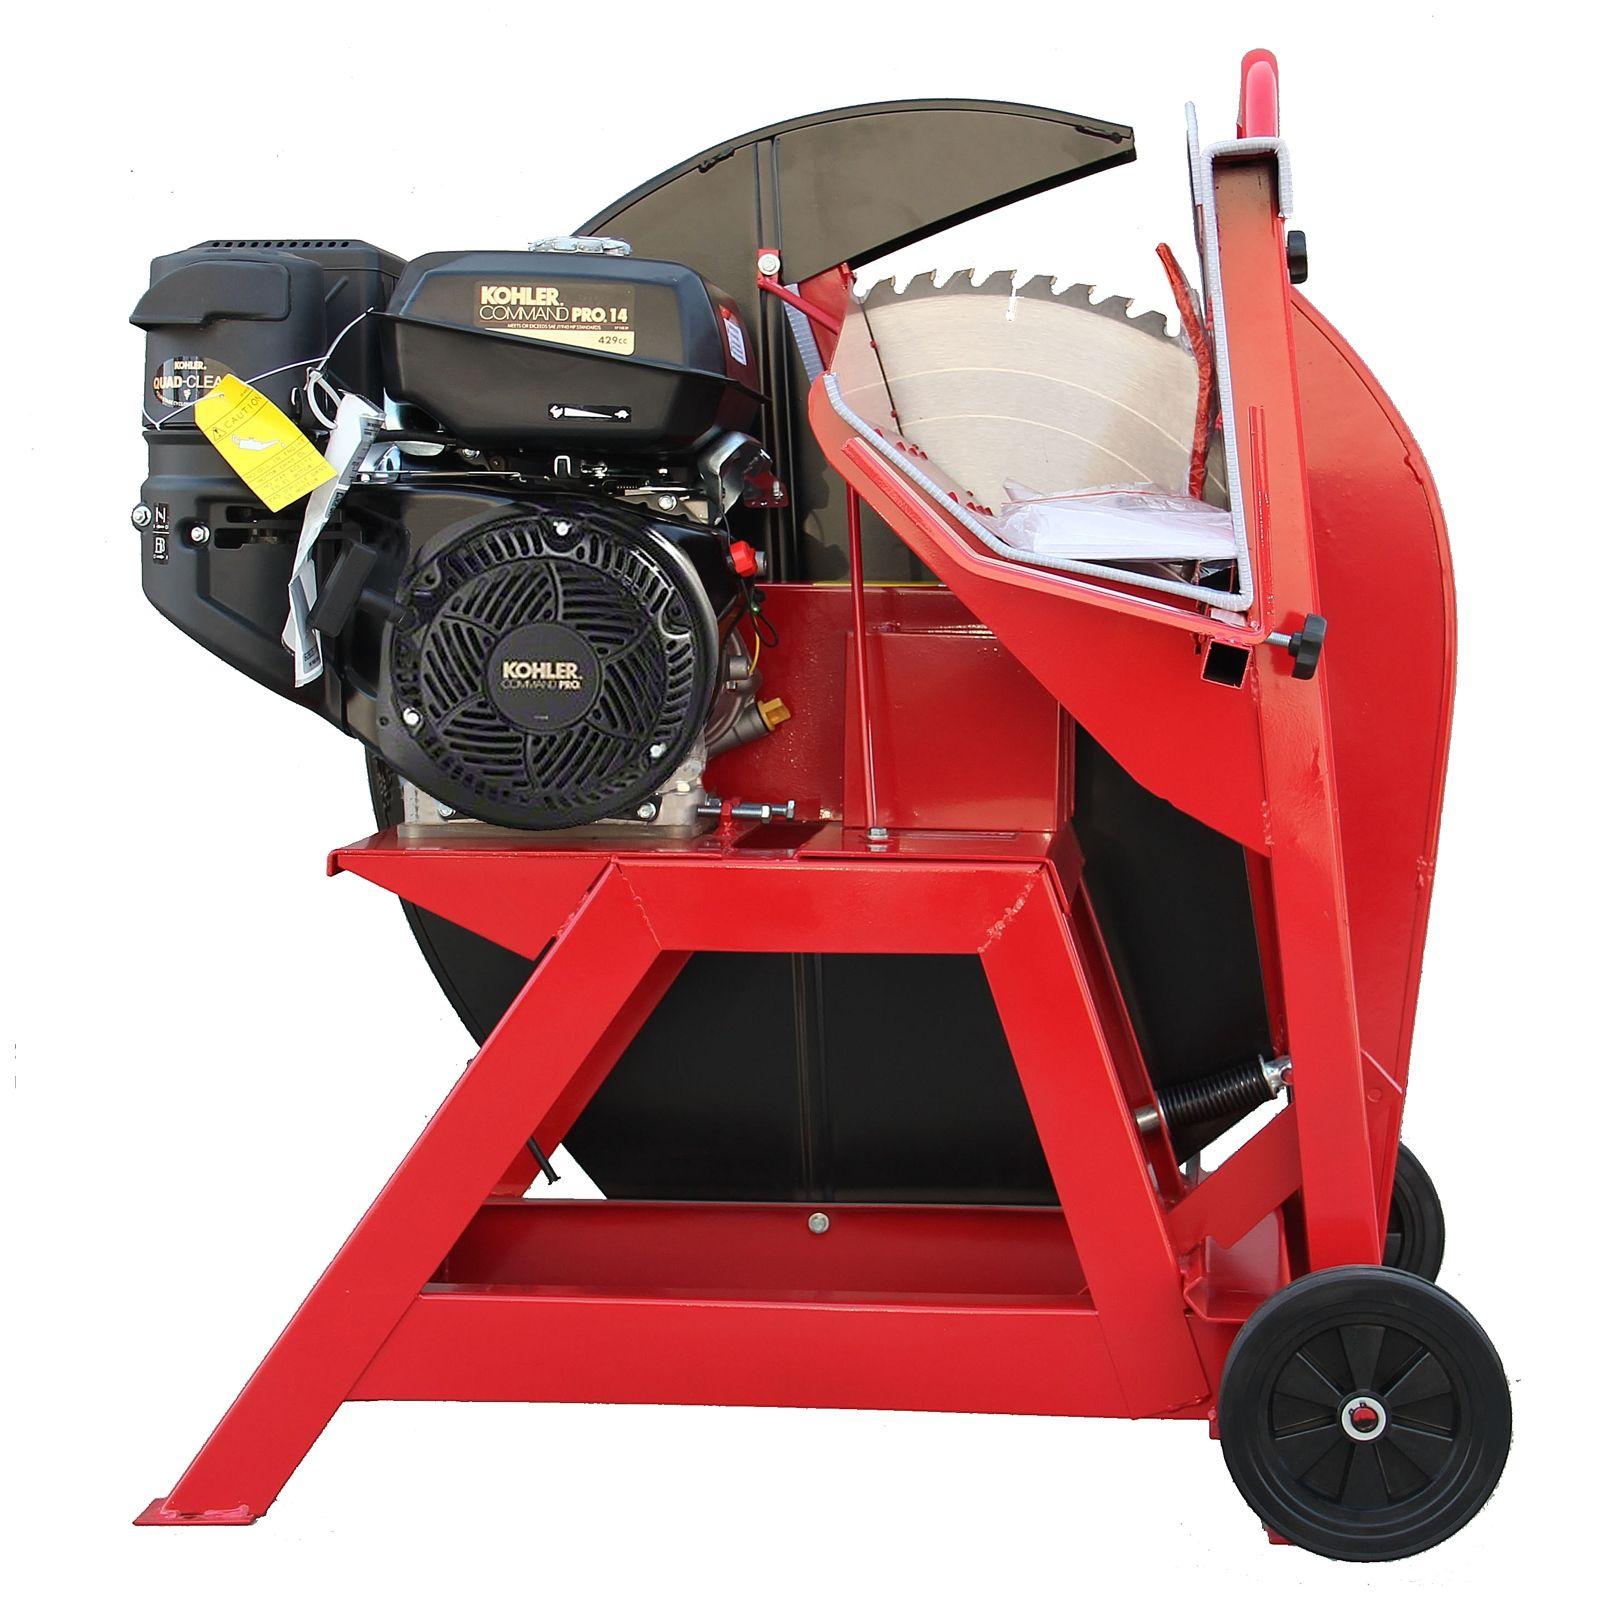 Wippkreissäge 700 mm 14 PS Benzinmotor